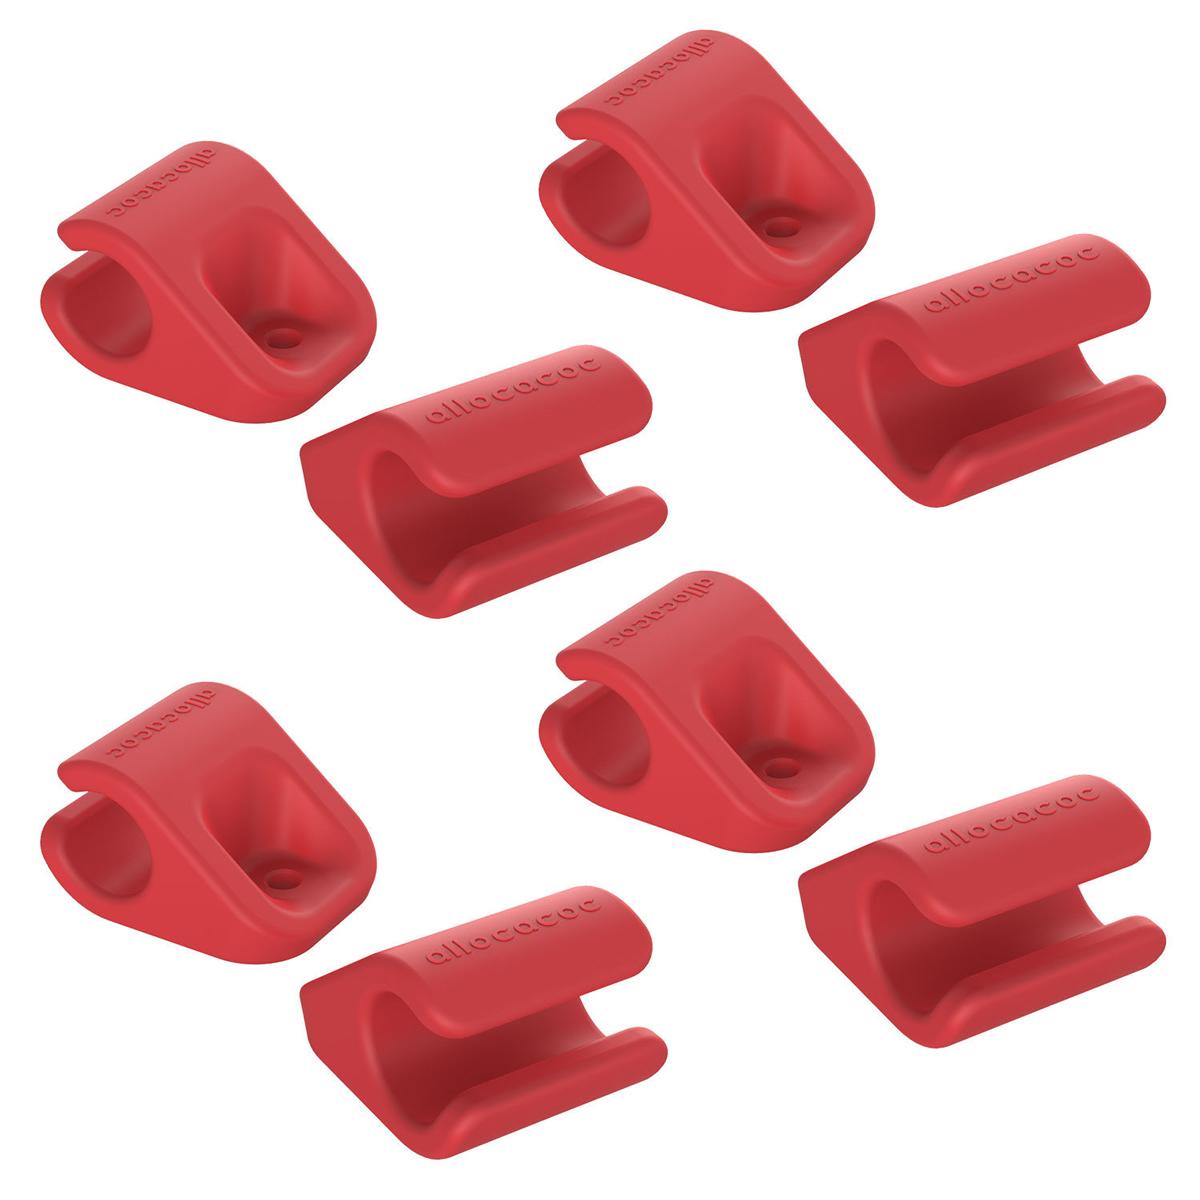 Allocacoc CableFix, Red держатель для кабеля, 8 шт0004RD/CBLFIXДержатель для проводов Allocacoc CableFix поможет не только навести порядок на вашем рабочем столе, но и сделать работу за ним более комфортной. Можно прикрепить к поверхностям разными способами: от липкой ленты до самореза. Липкие пластинки входят в комплект. Благодаря таким держателям провода легко убираются и надежно фиксируются в нужном вам положении и месте.Совместимость: кабели диаметром от 4 мм до 10 мм